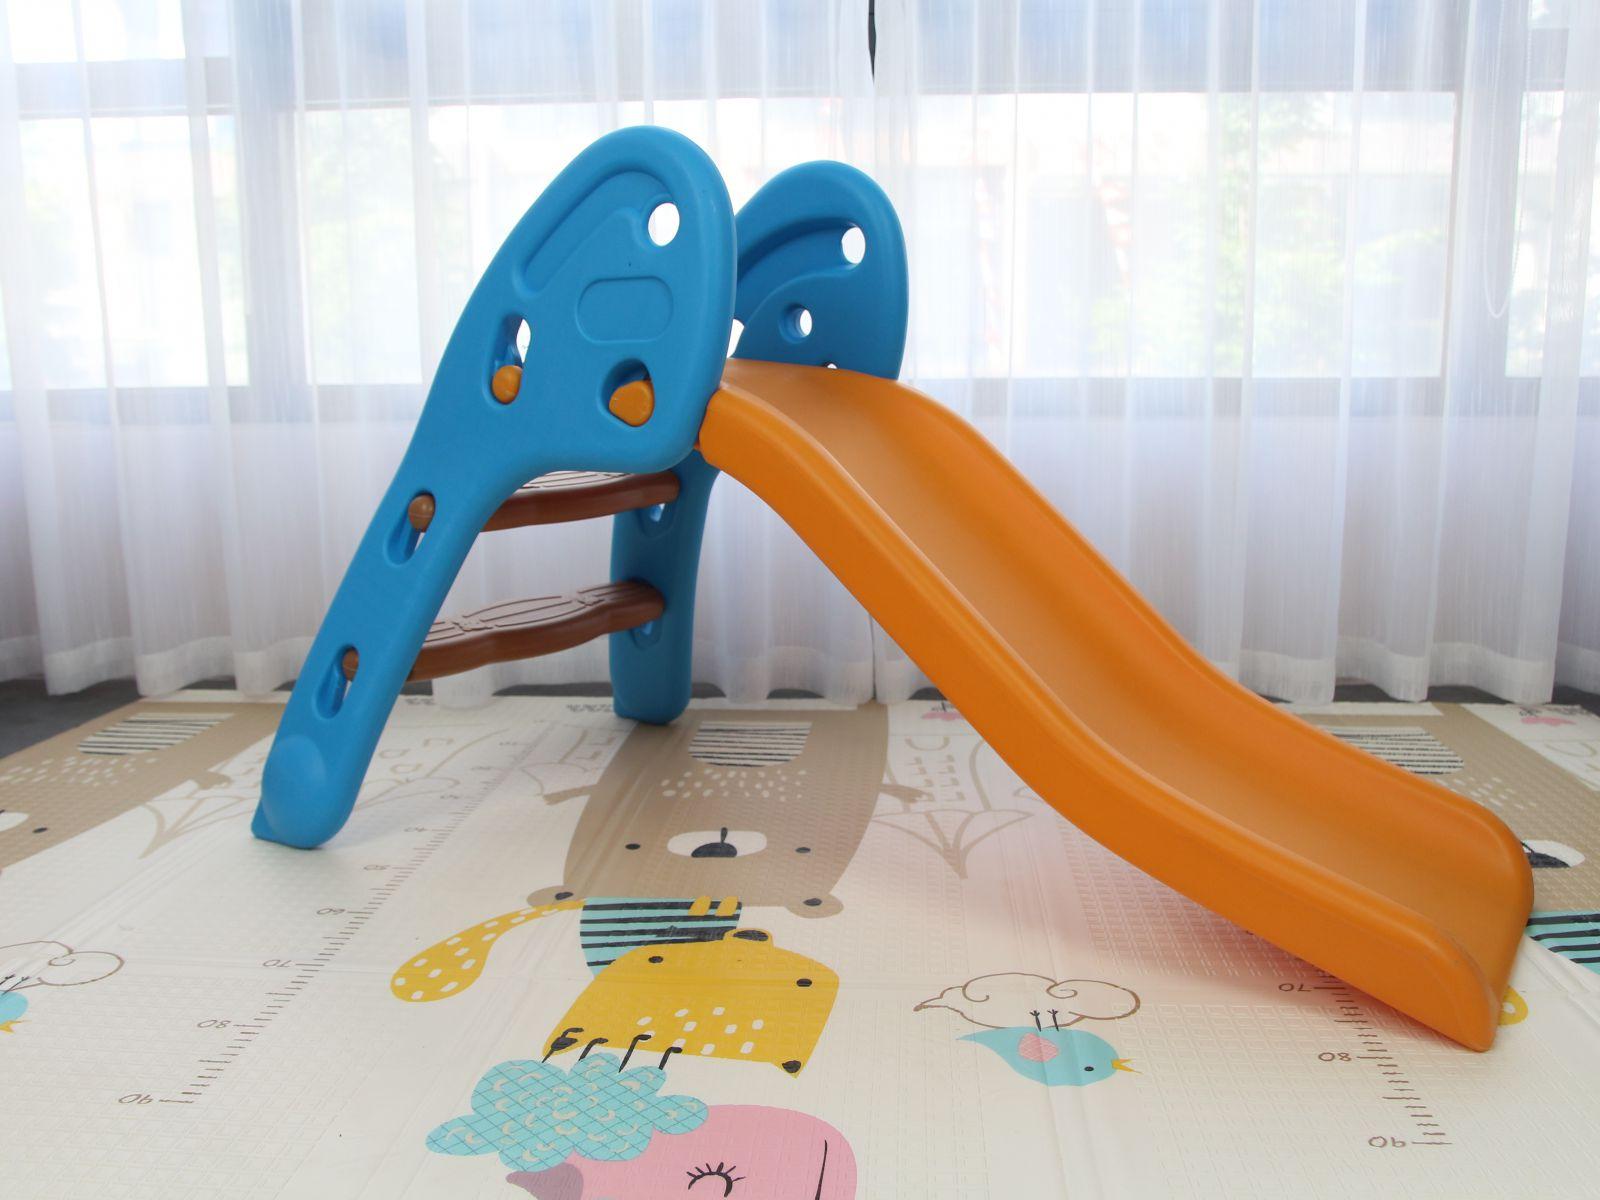 TH-052020-L-HT0363 - Cầu trượt gấp gọn cho bé Toyshouse